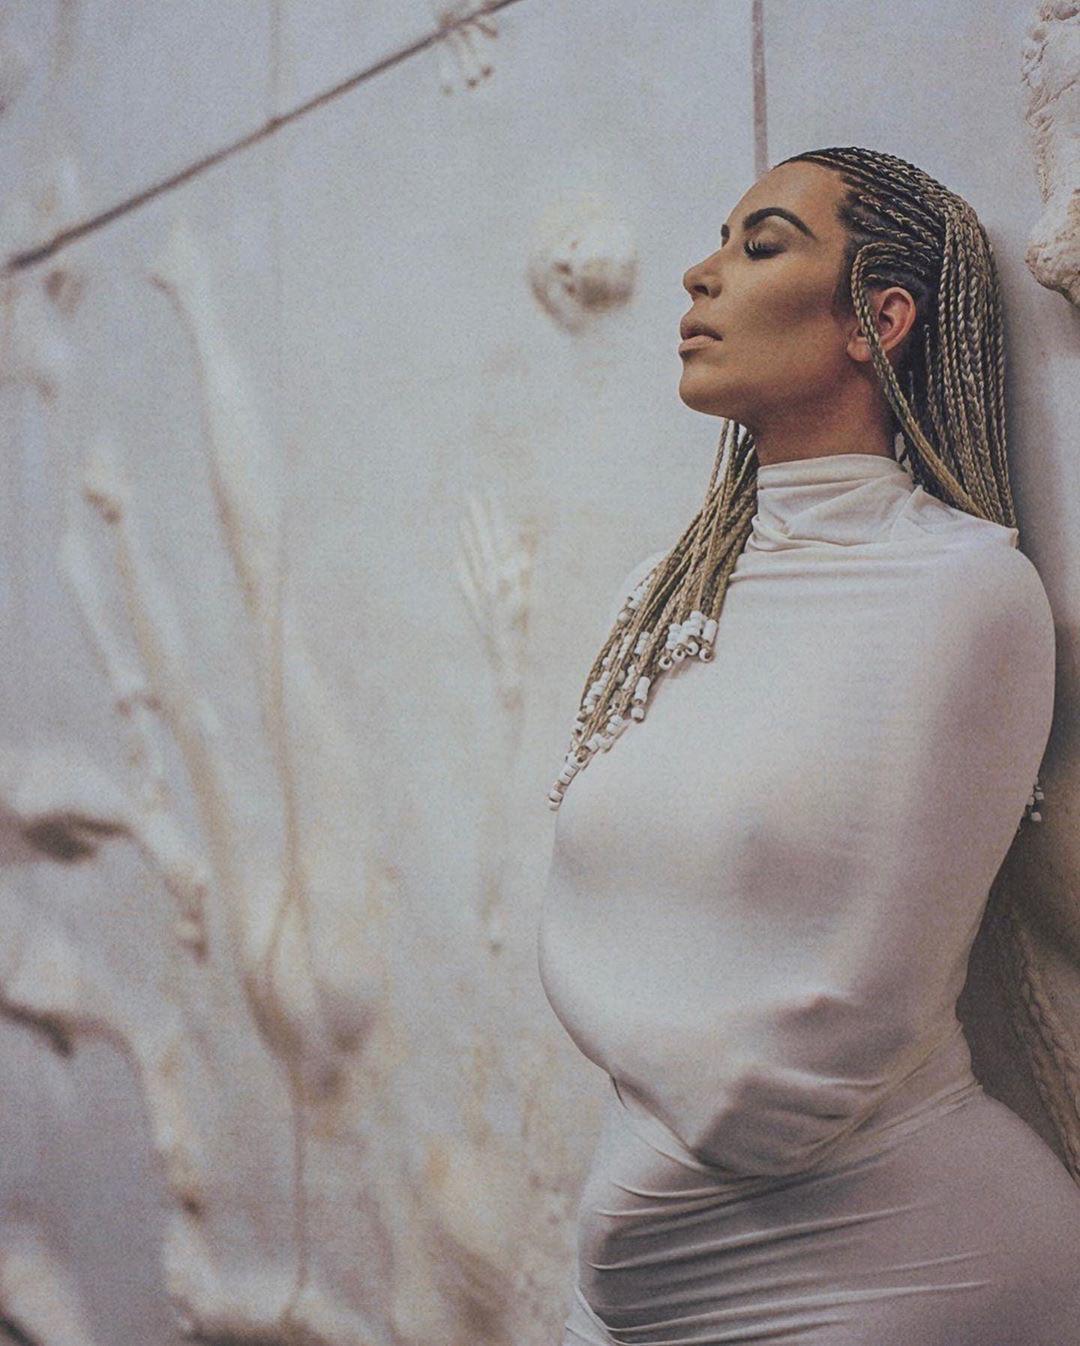 Kim Kardashian Nude Thong Magazine Photoshoot Set Leaked 0004